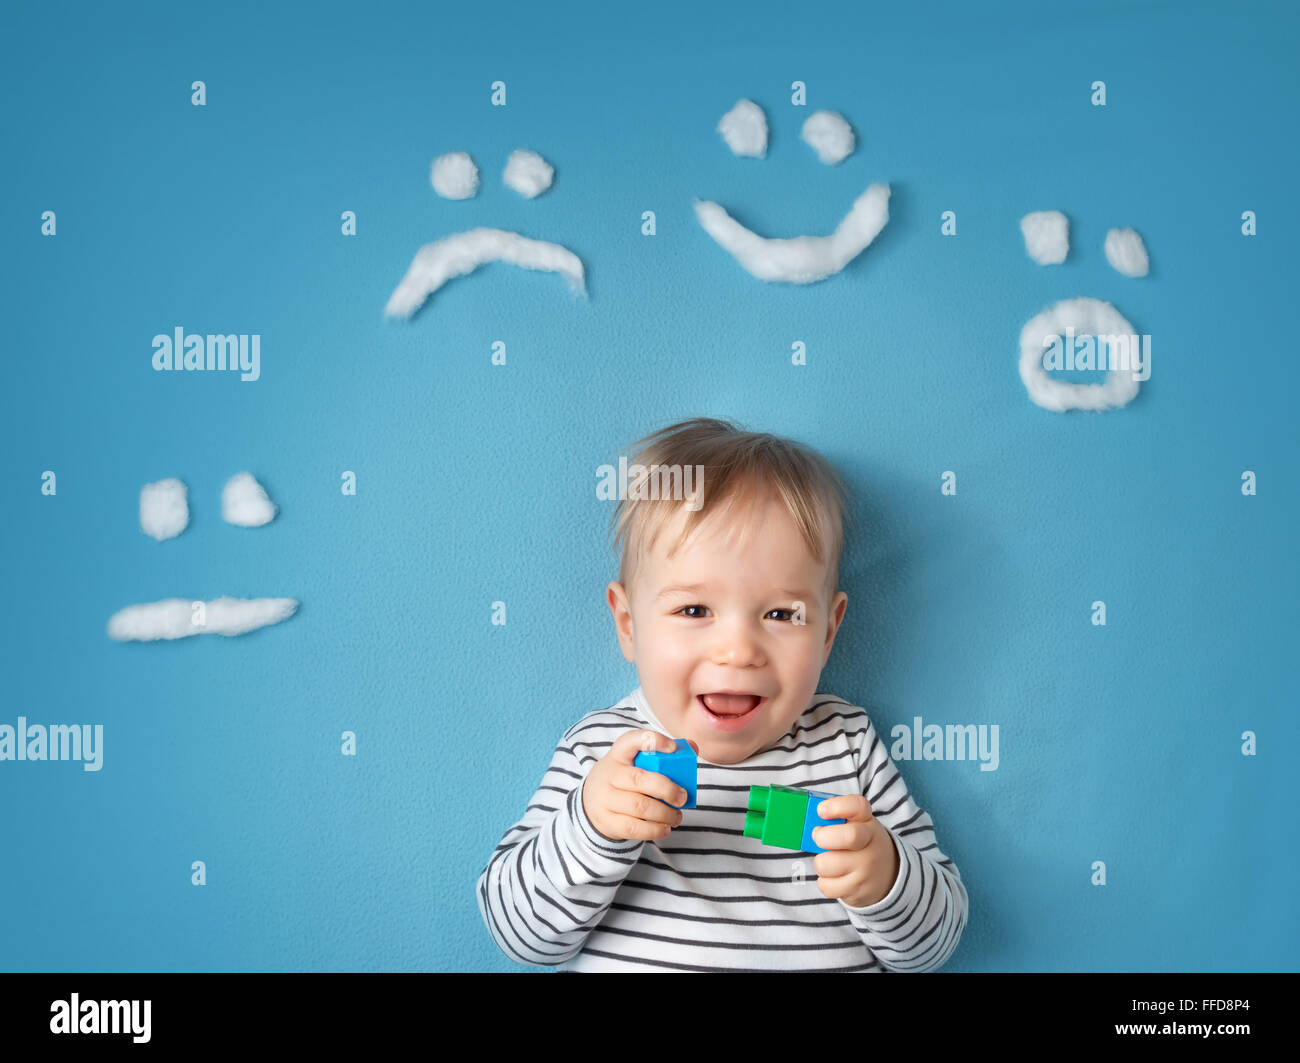 kleiner Junge auf blaue Decke Hintergrund Stockbild